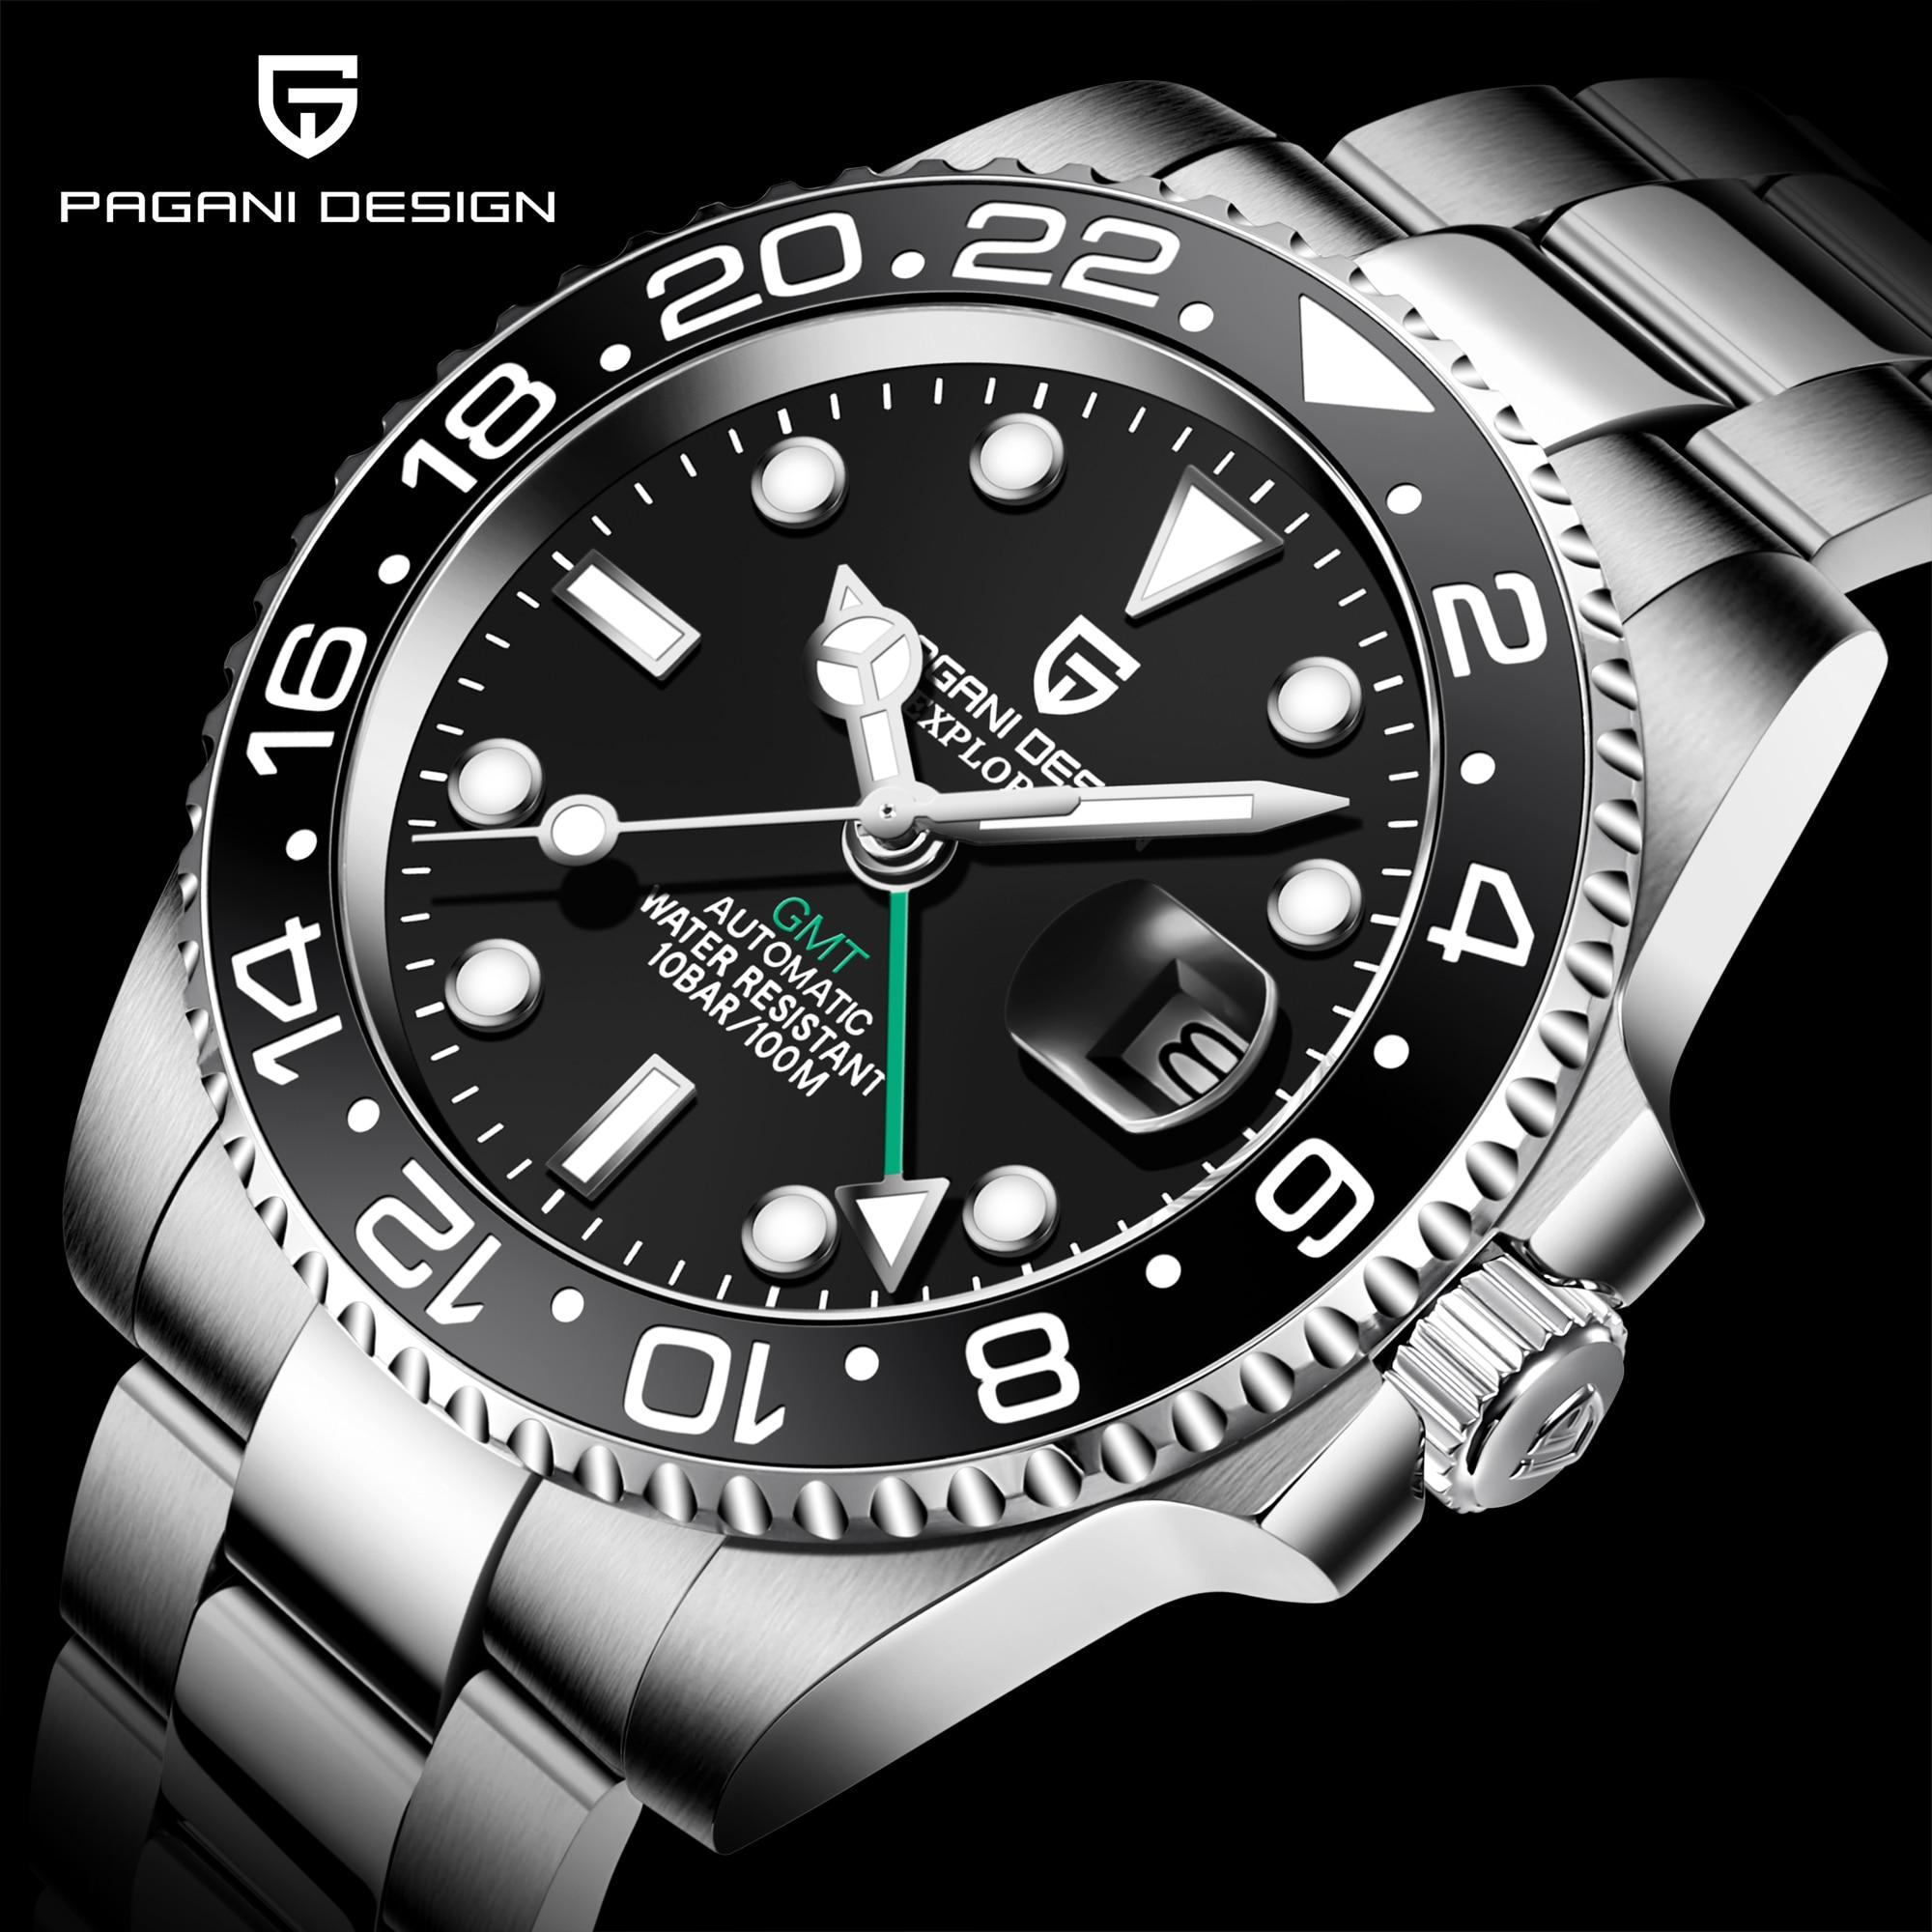 باجاني-ساعة فاخرة من الفولاذ المقاوم للصدأ ، تصميم GMT ، ساعة يد أوتوماتيكية من الياقوت والزجاج ، ذكر